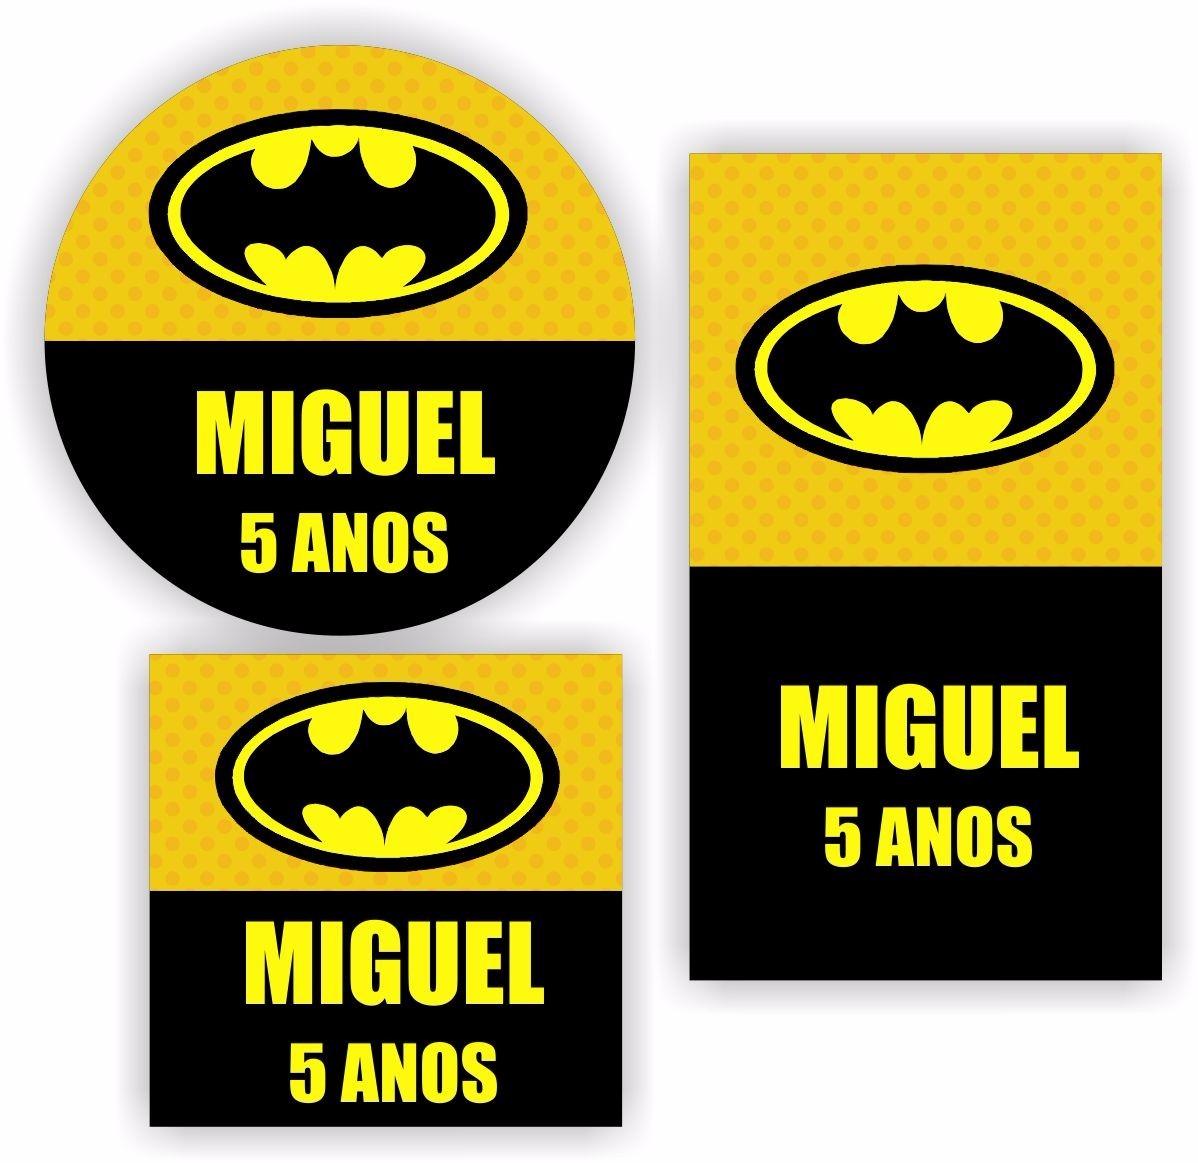 Adesivo De Parede Tijolo A Vista ~ Kit 90 Unid Adesivo Personalizado Batman Lembrancinha Festa R$ 29,99 em Mercado Livre